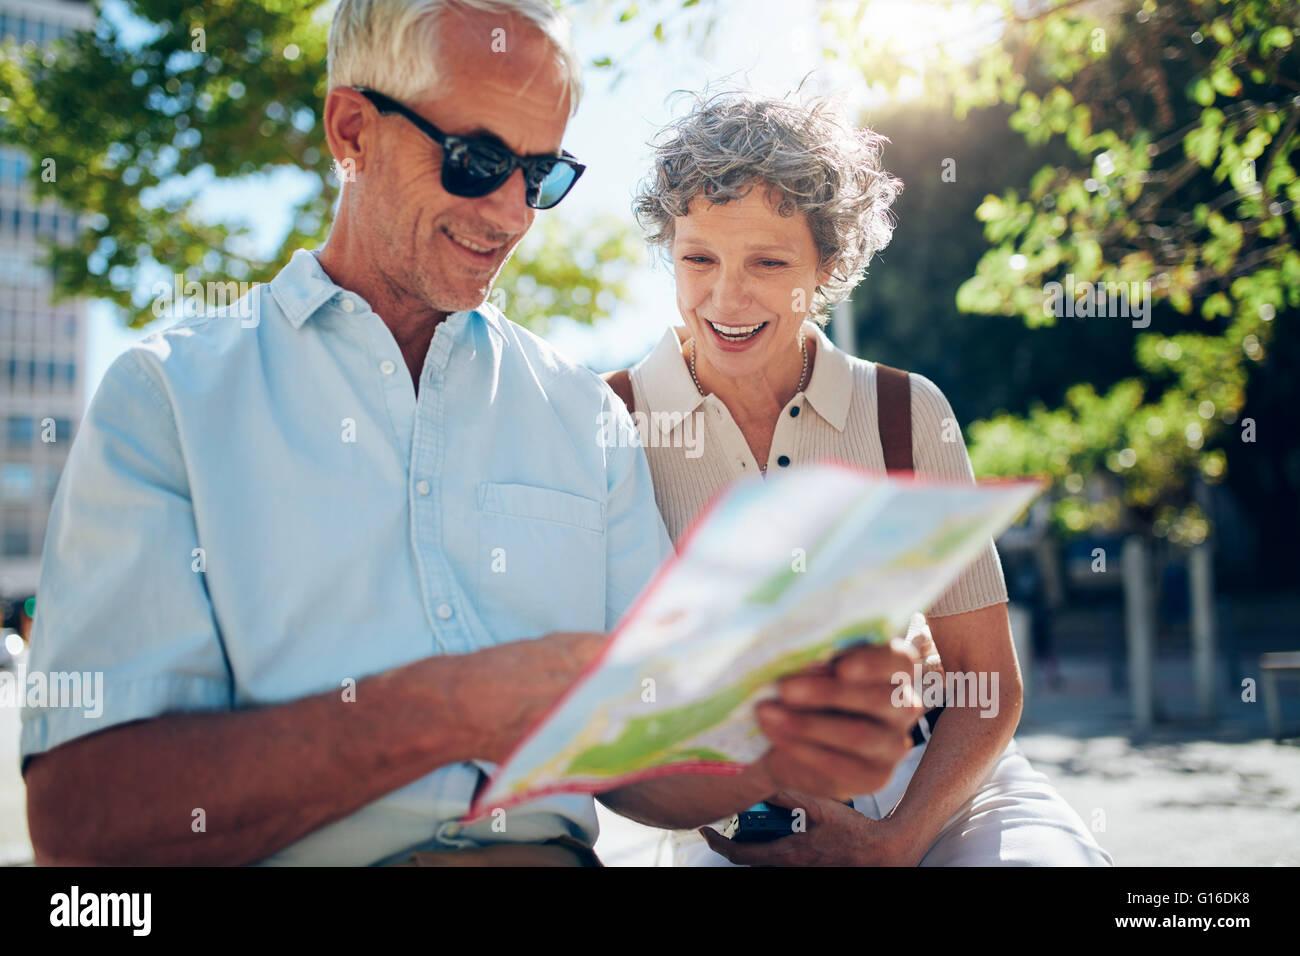 Coppia di anziani seduti all'aperto e utilizzando una mappa della citta'. Felice coppia in pensione alla Immagini Stock